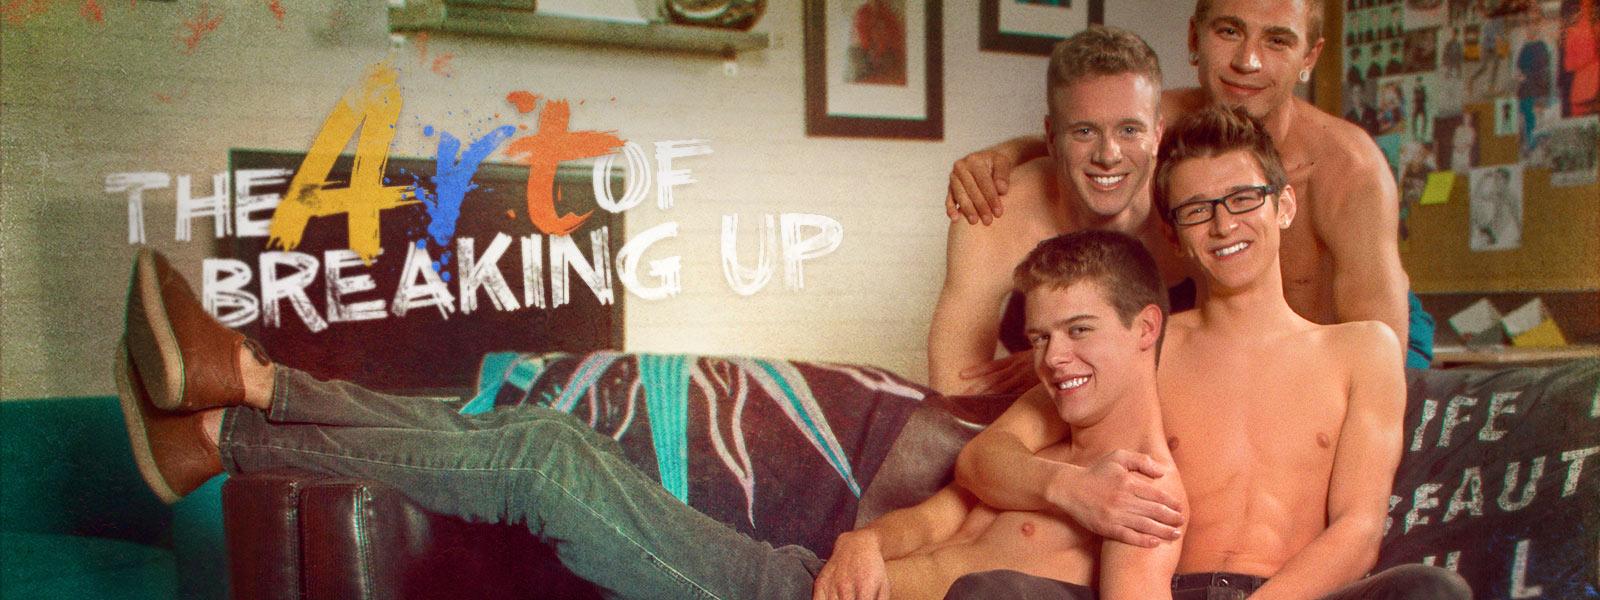 The Art of Breaking Up Teaser